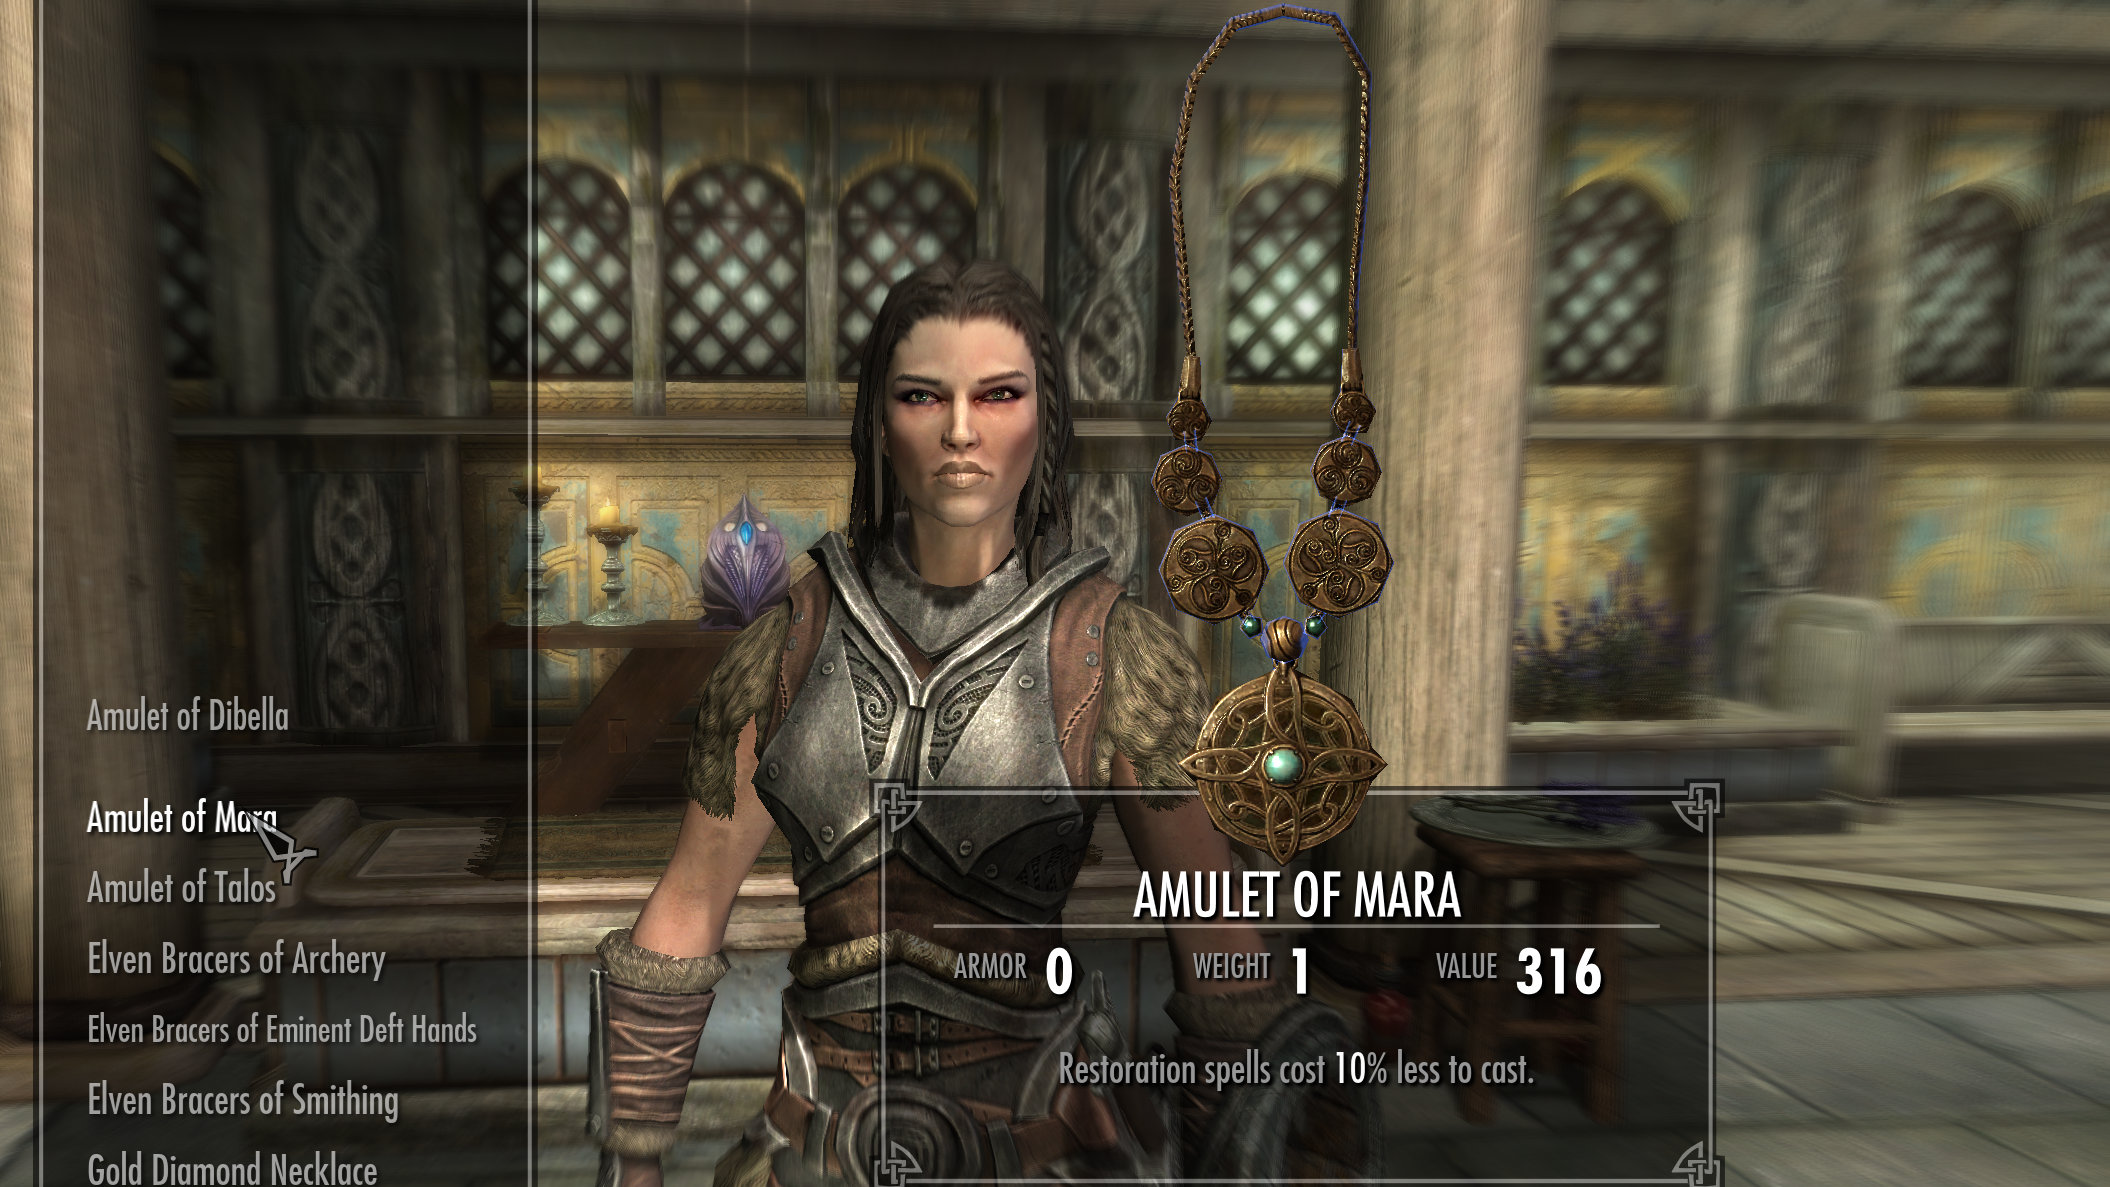 An Elder Scrolls V: Skyrim screenshot showing an Amulet of Mara.